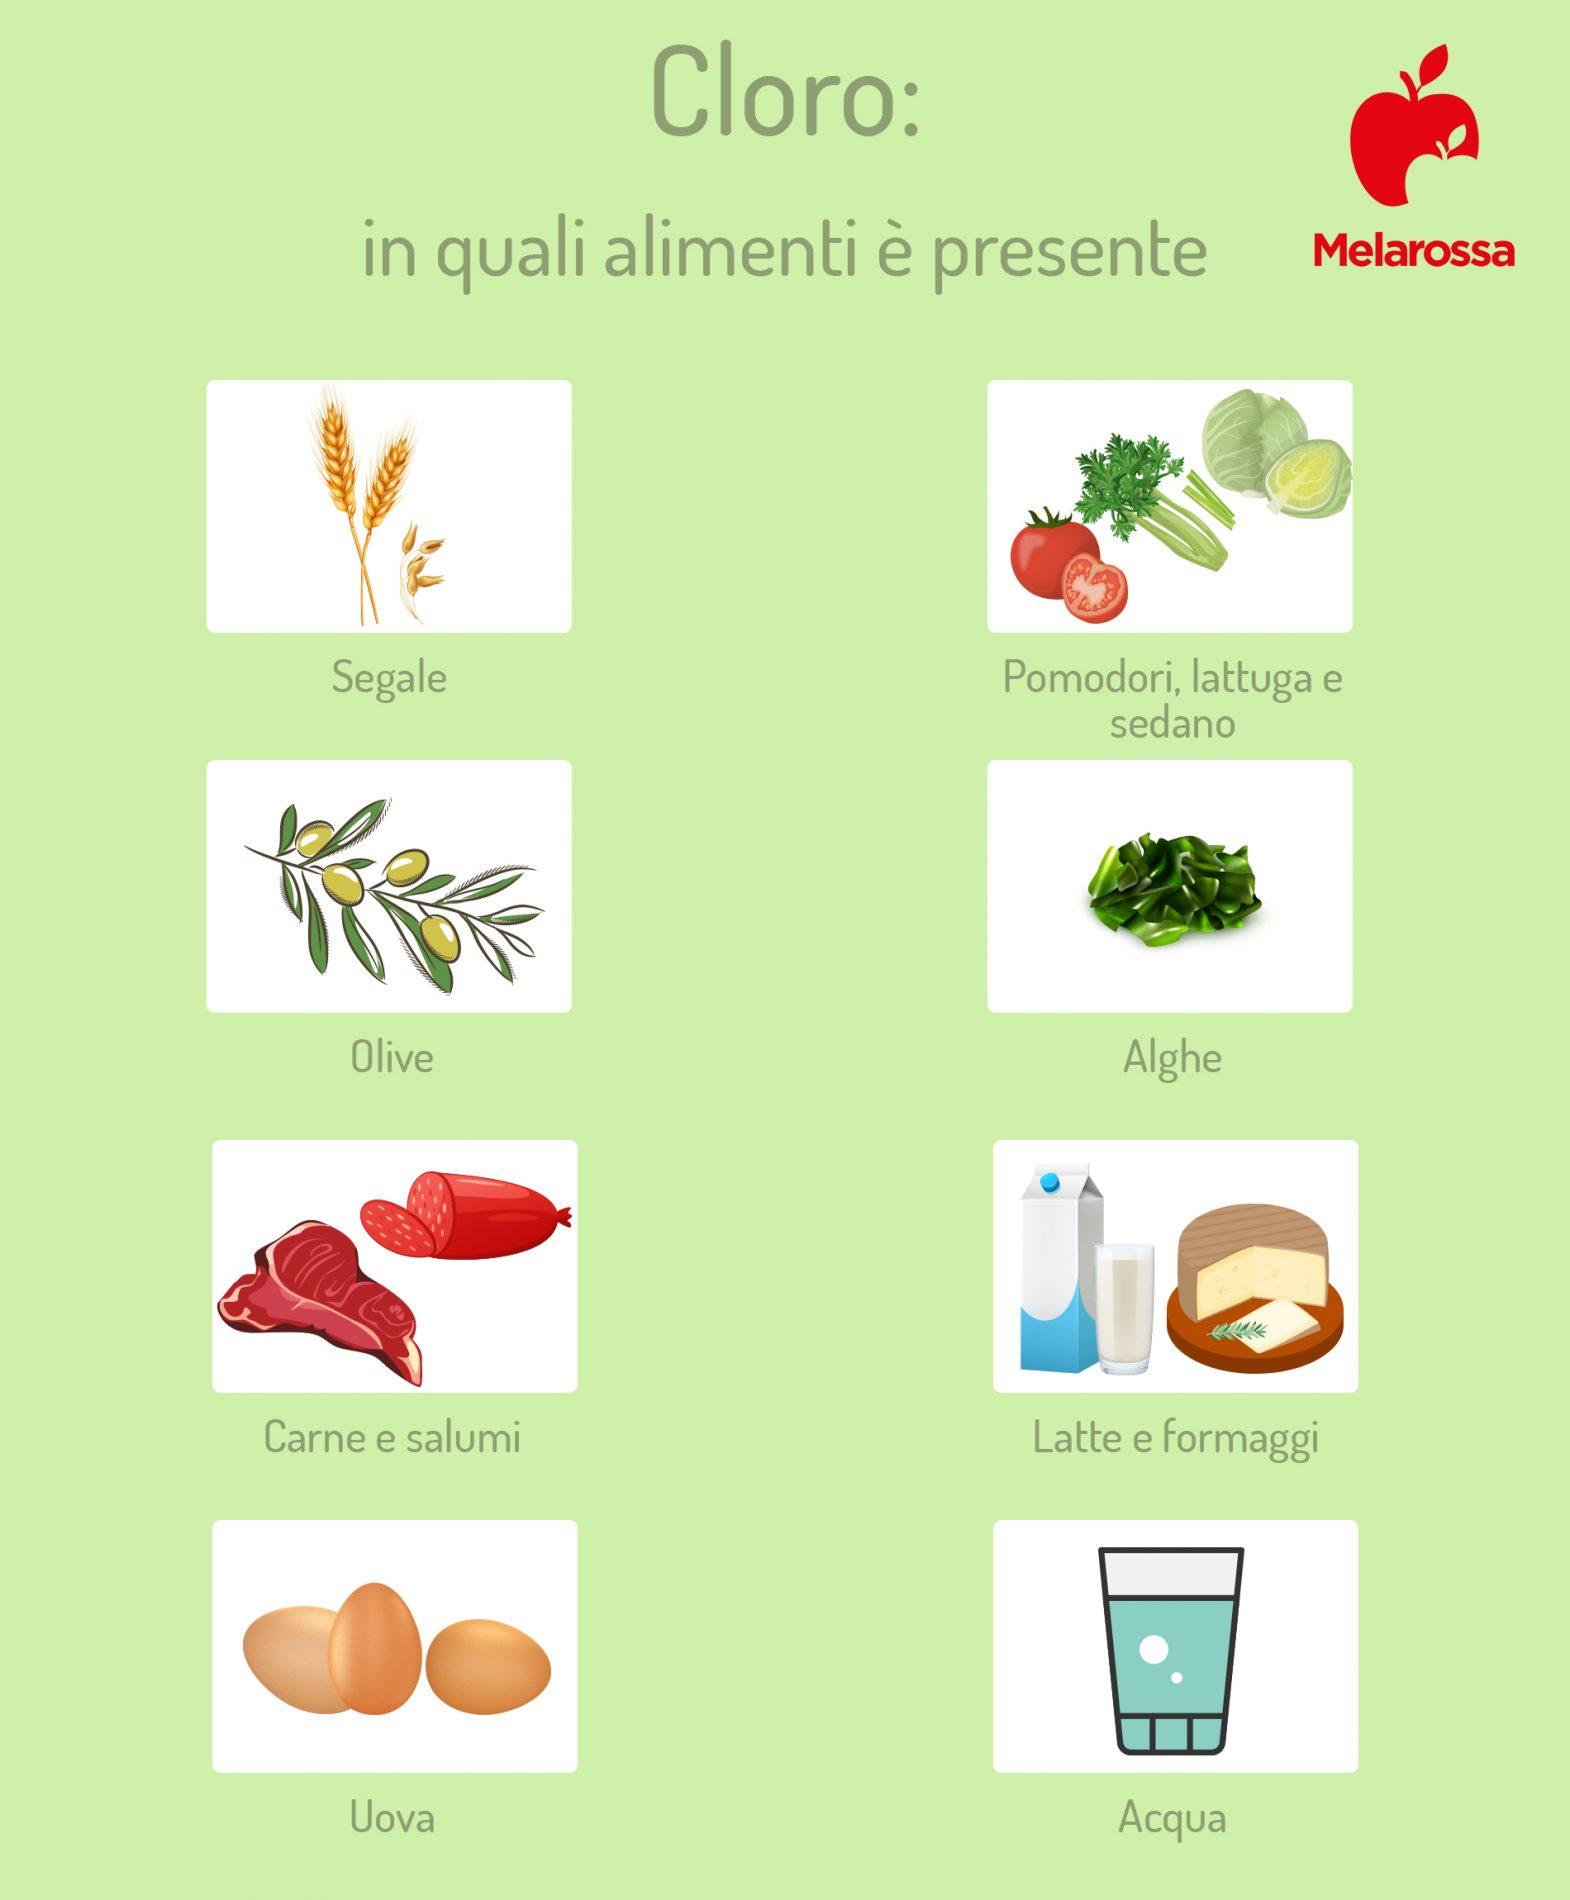 cloro: alimenti